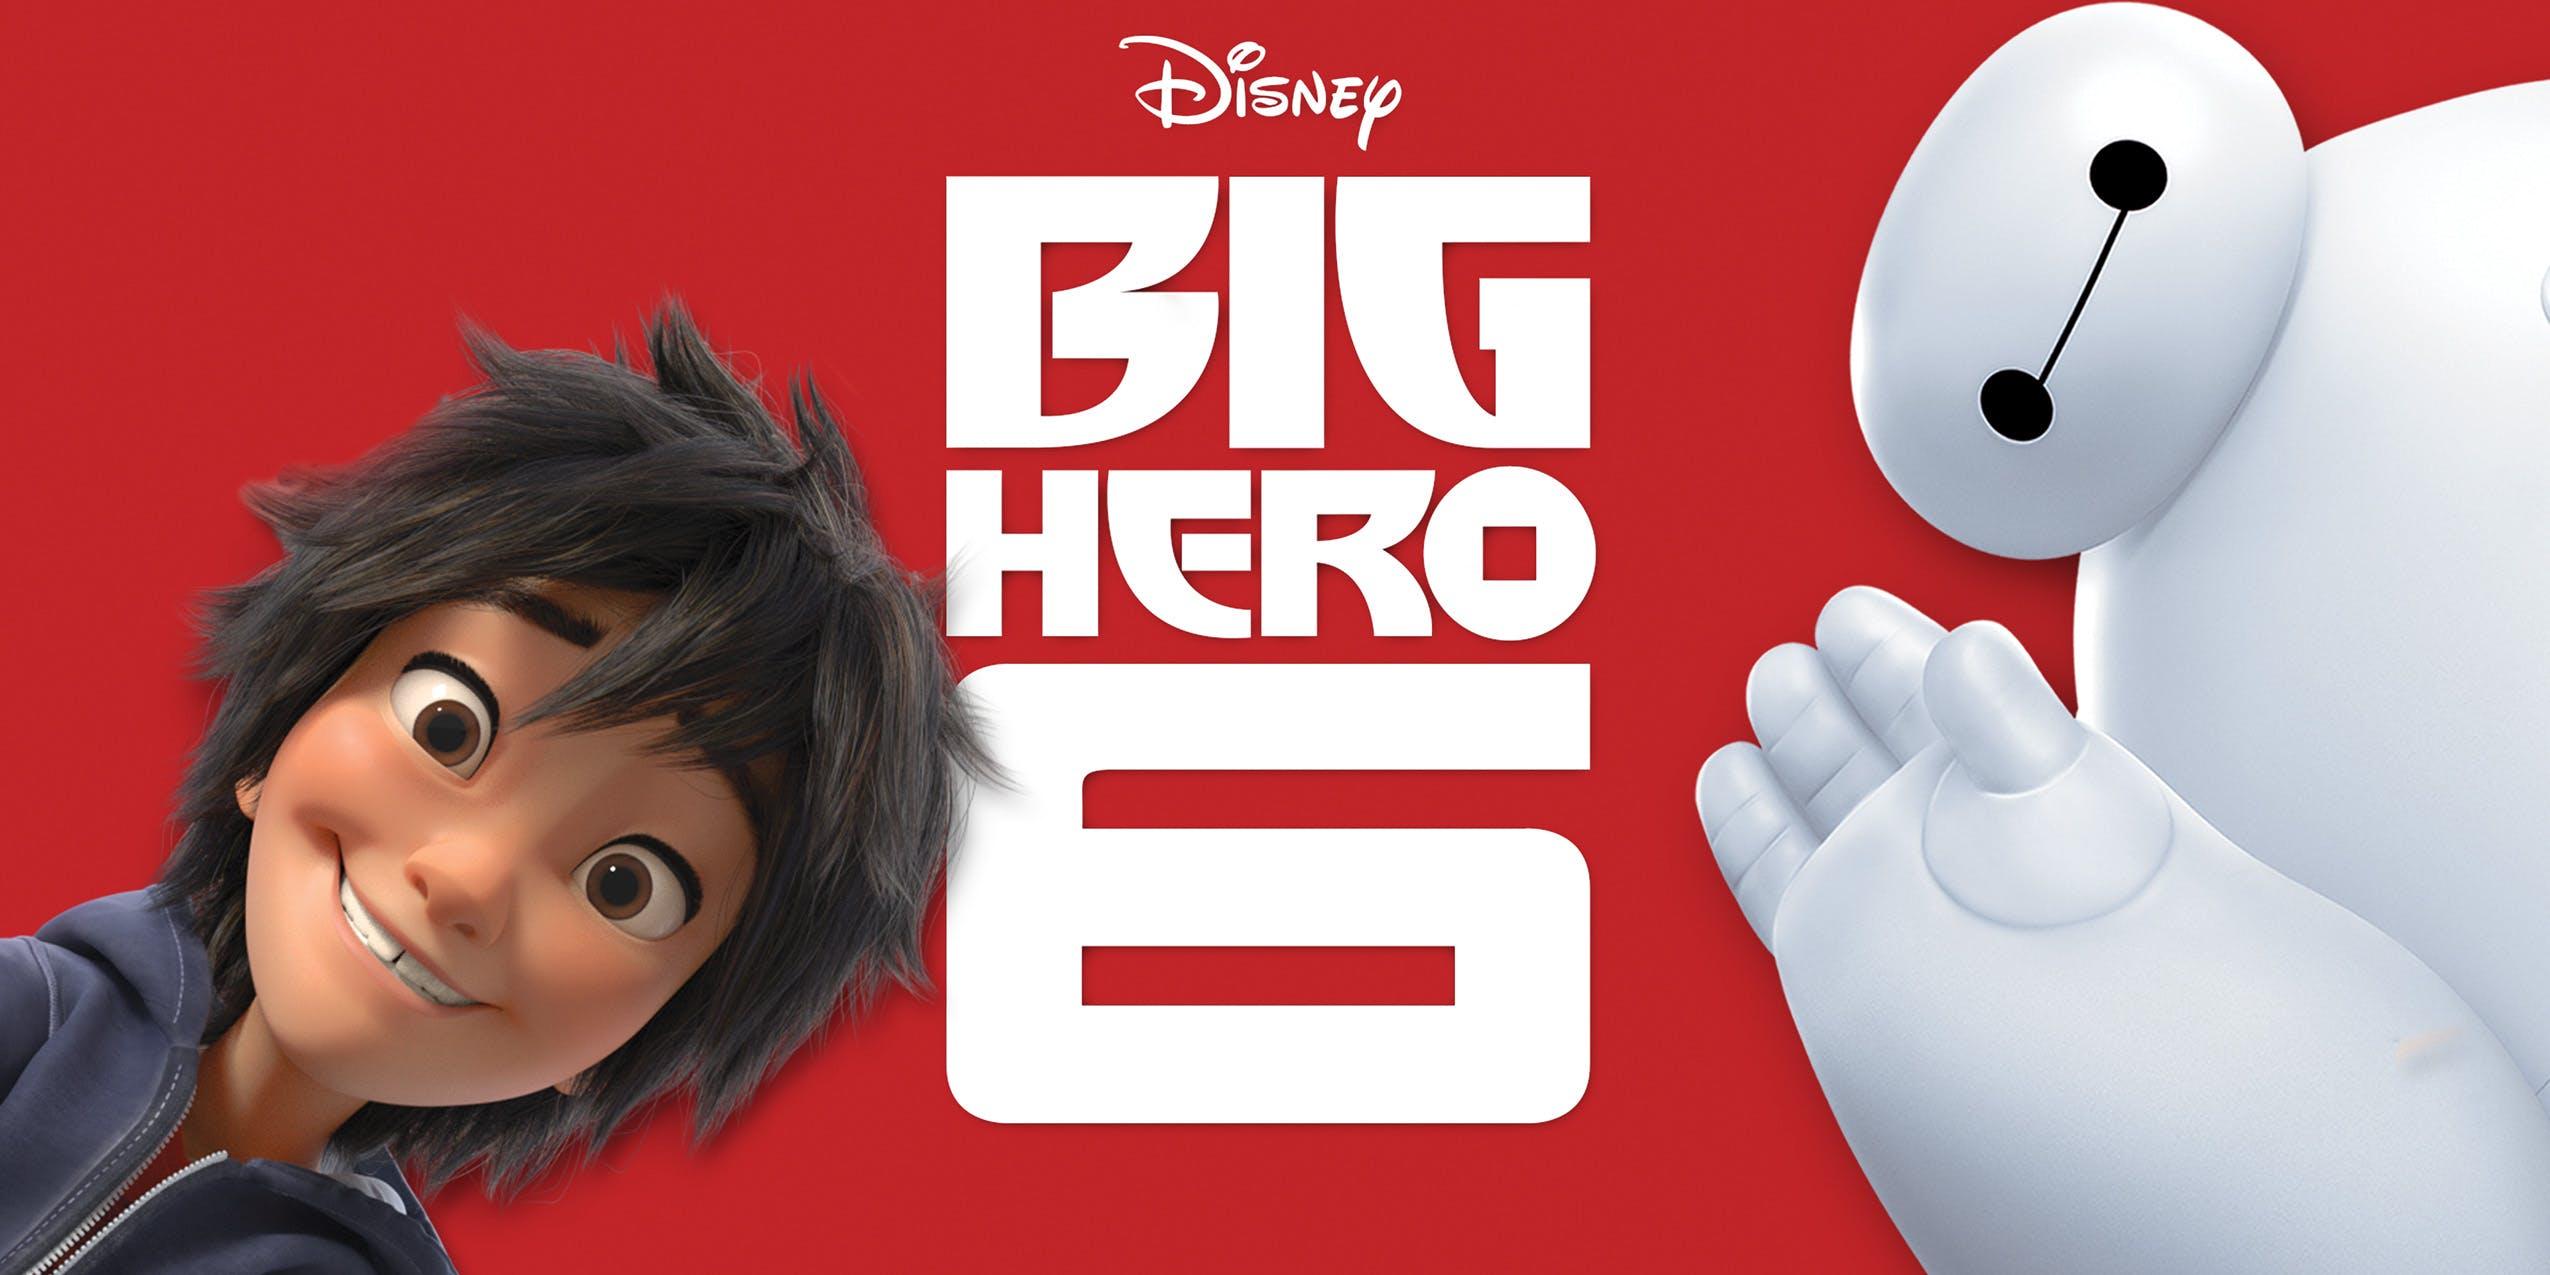 best movies disney plus big hero 6